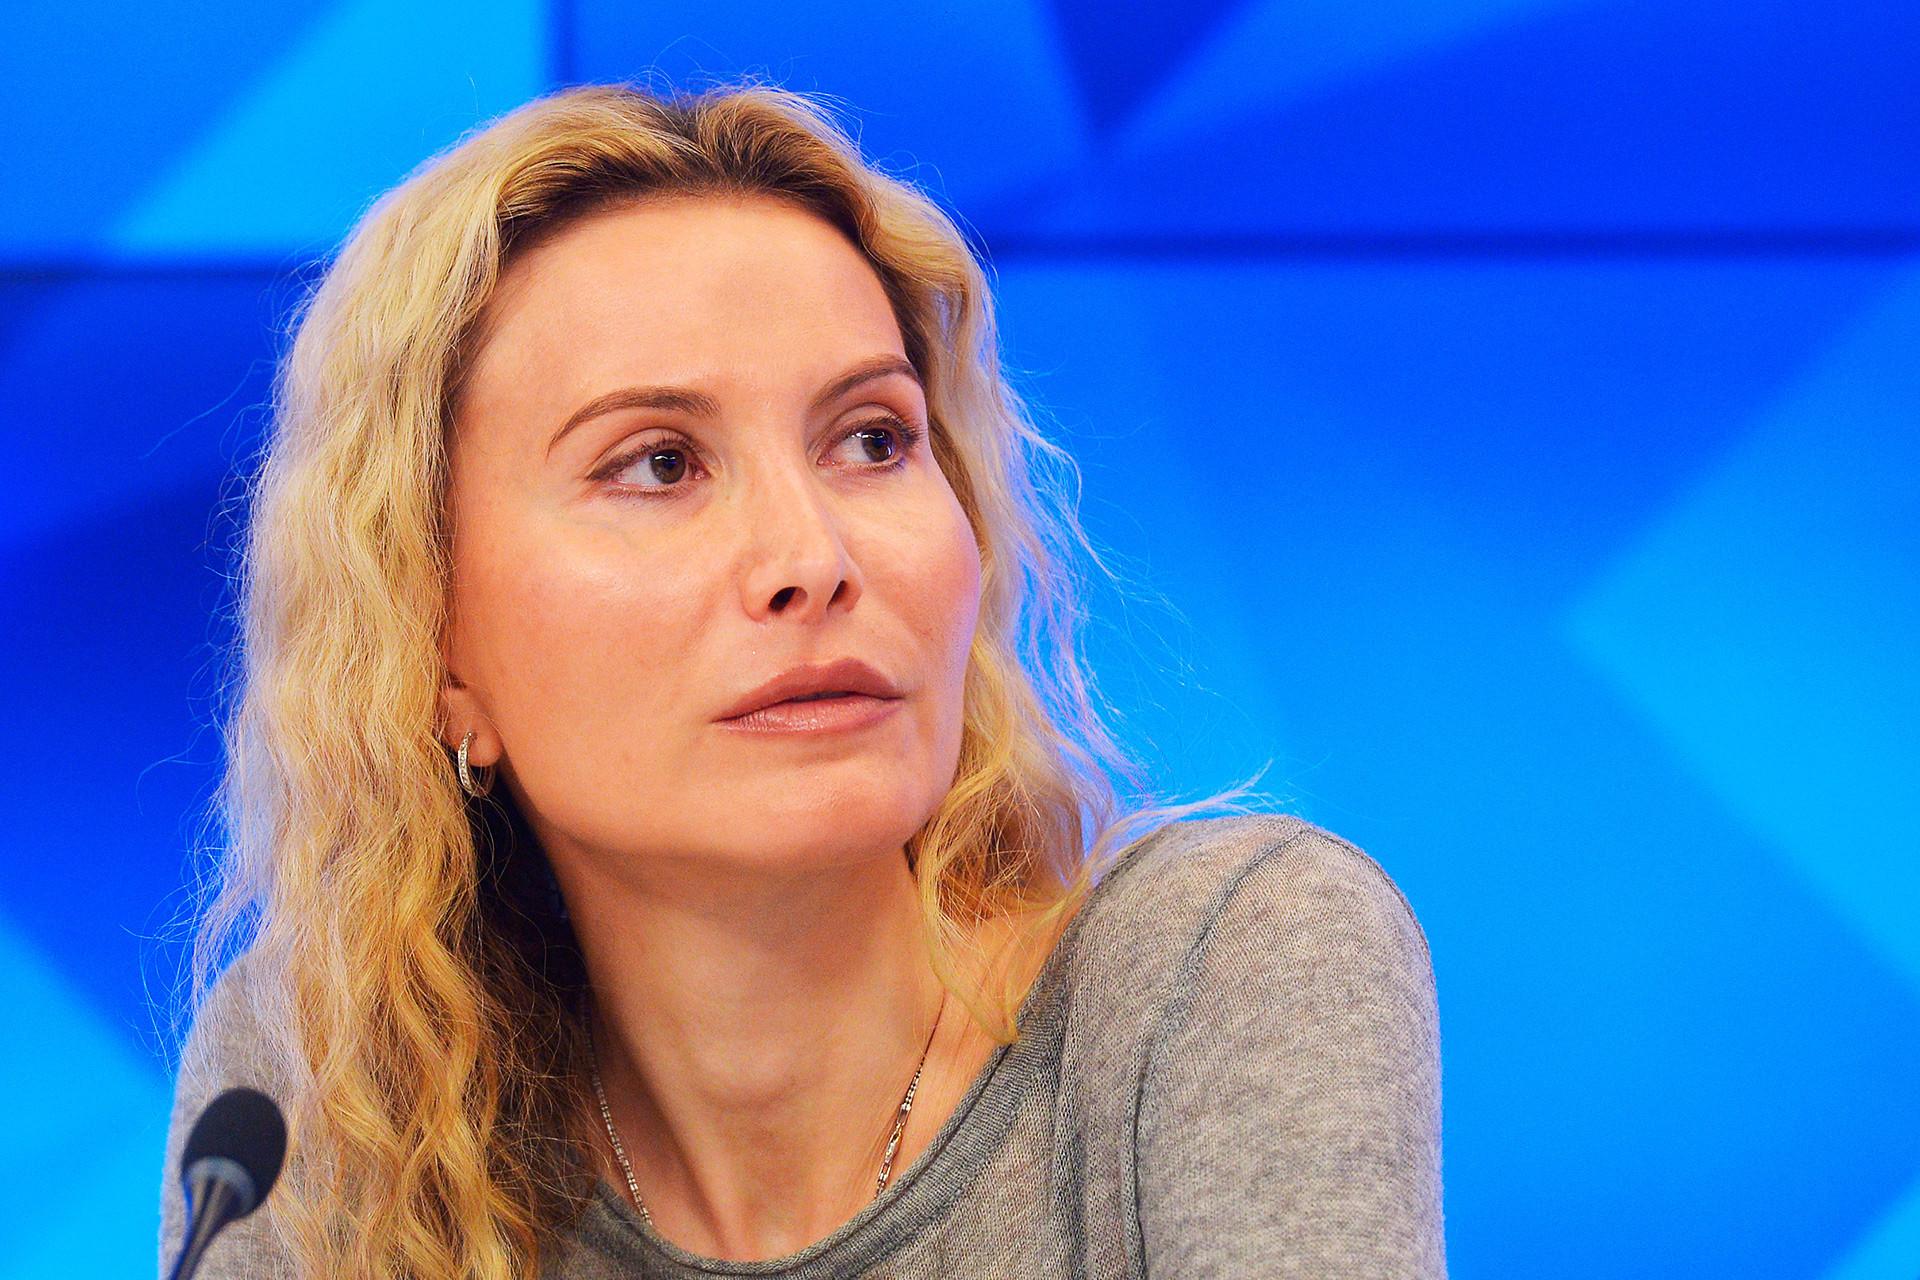 Eteri Tutberidze, a treinadora de Trusova.